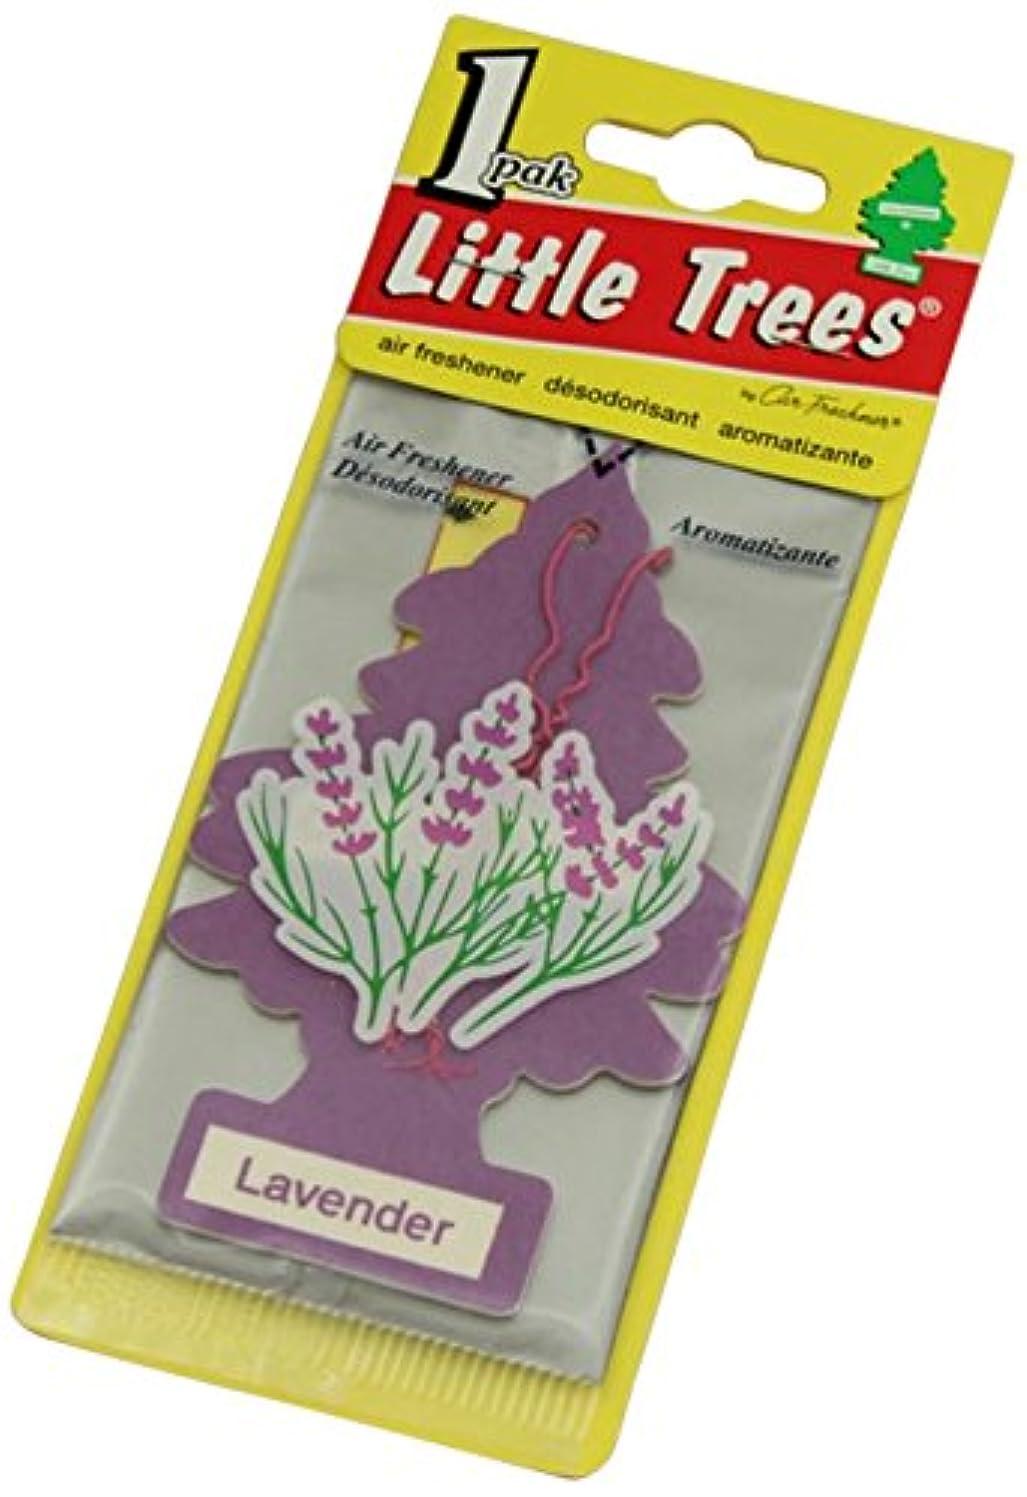 繊維ペネロペ対人Little Trees 吊下げタイプ エアーフレッシュナー ラベンダー 4枚セット(4P)